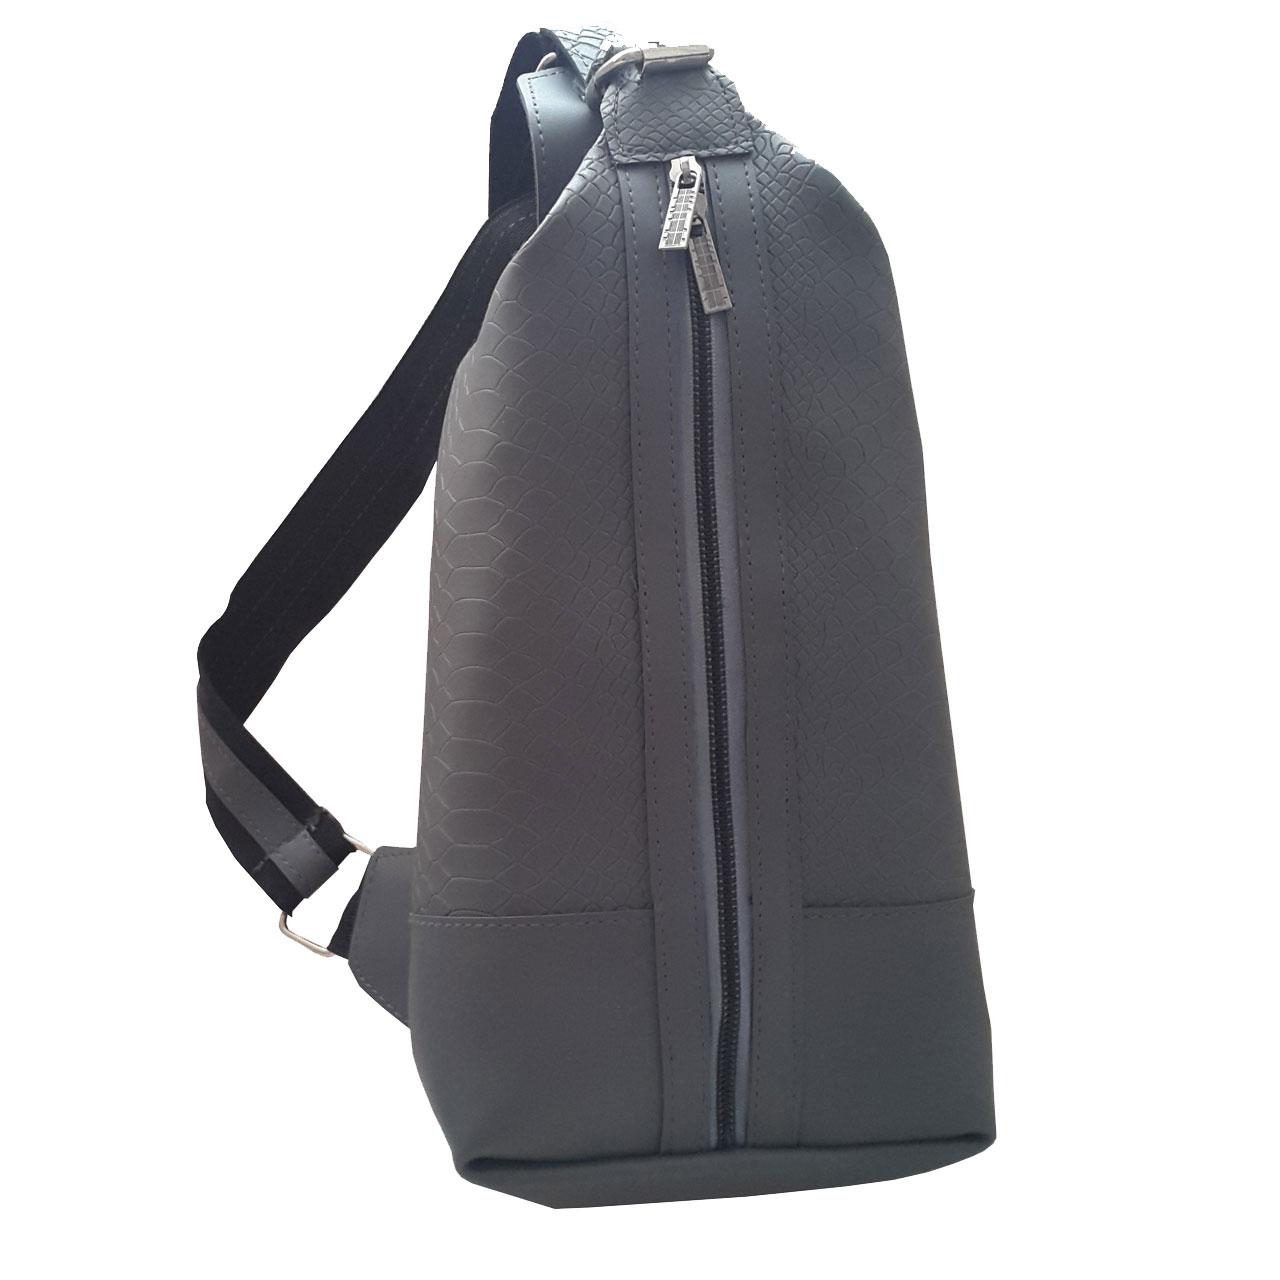 قیمت کوله پشتی زنانه مدل KRS970